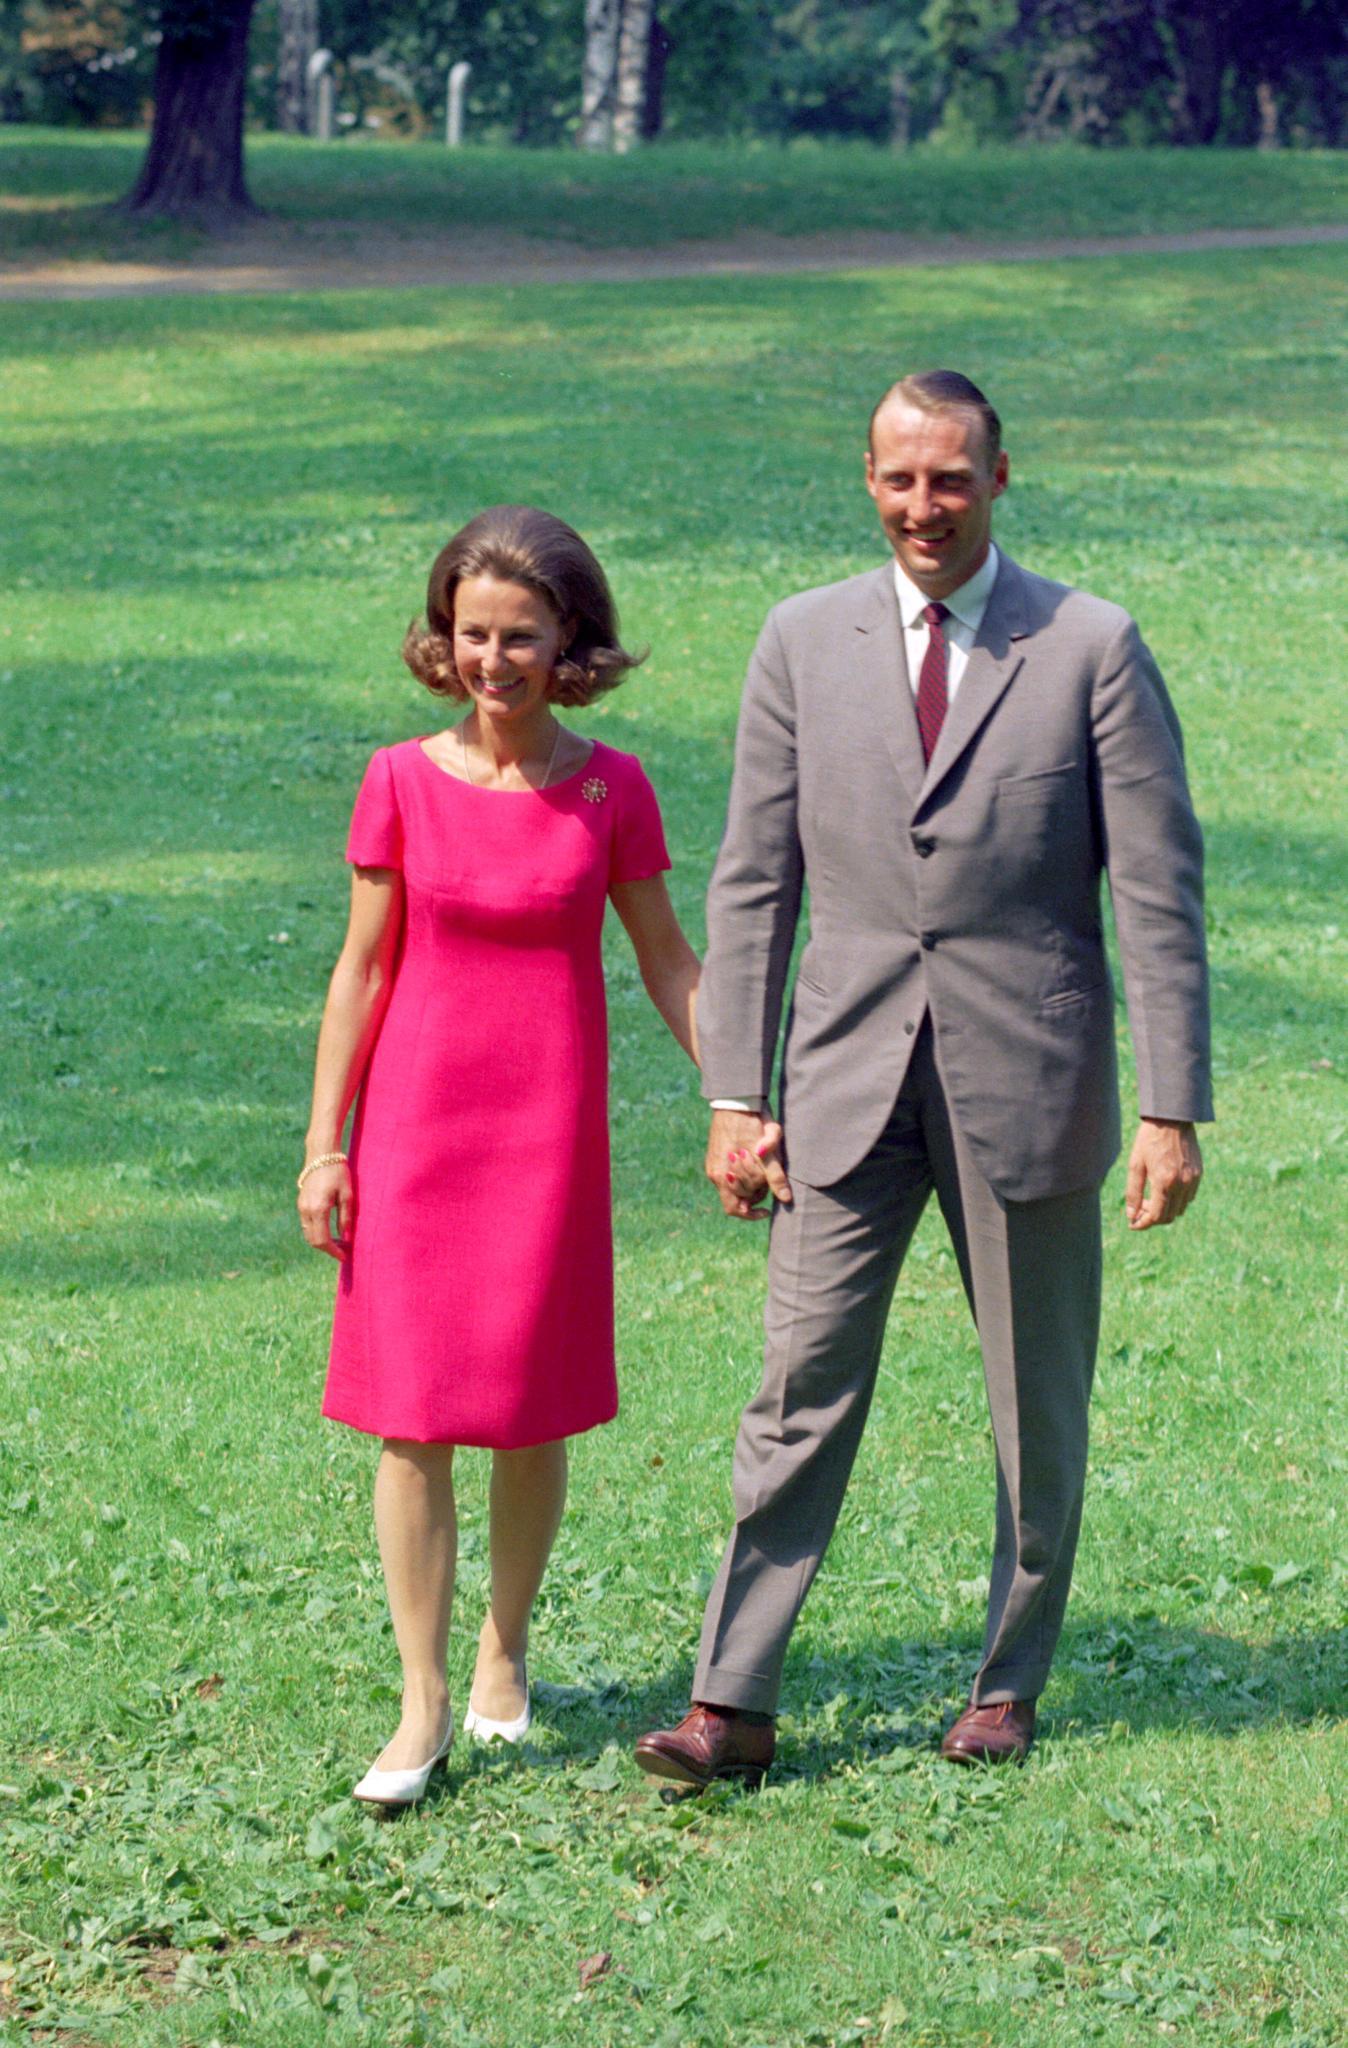 Etwas schüchtern, aber strahlend zeigen sich Sonja Haraldsen und Prinz Harald 1968 bei ihrer offiziellen Verlobung. Händchenhalten inklusive.